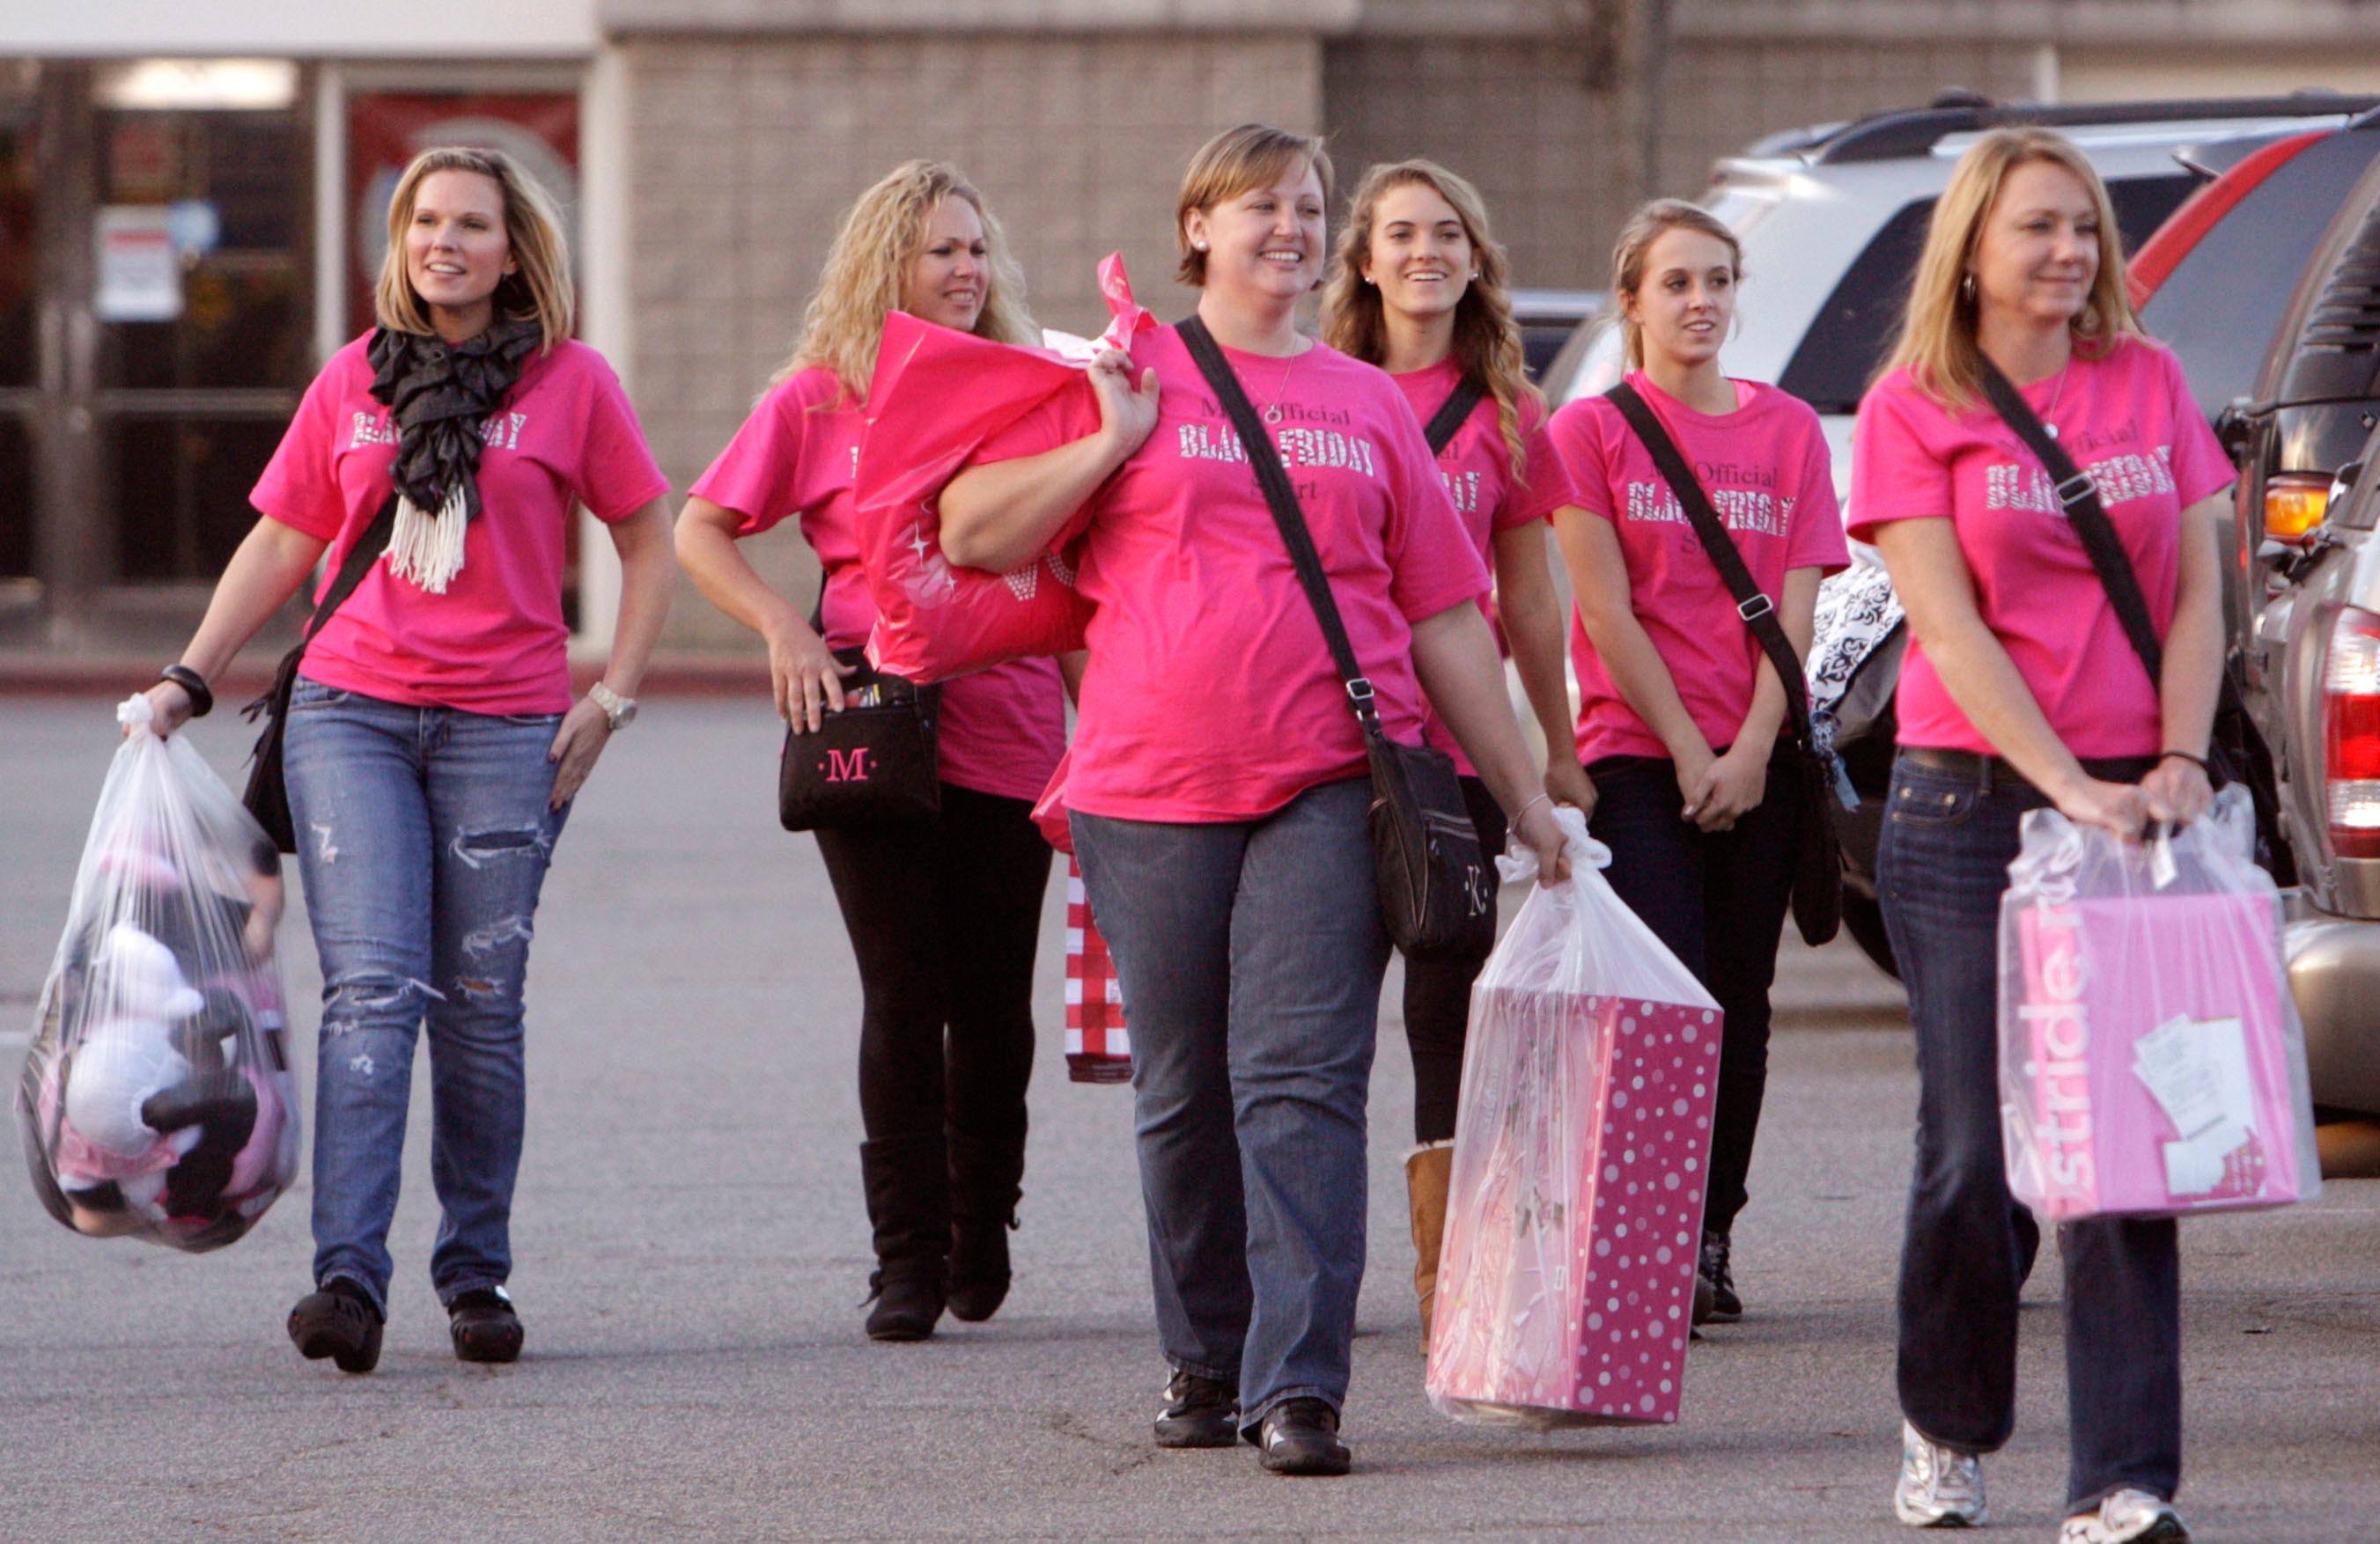 171122-black-friday-shopping-pink-shirts